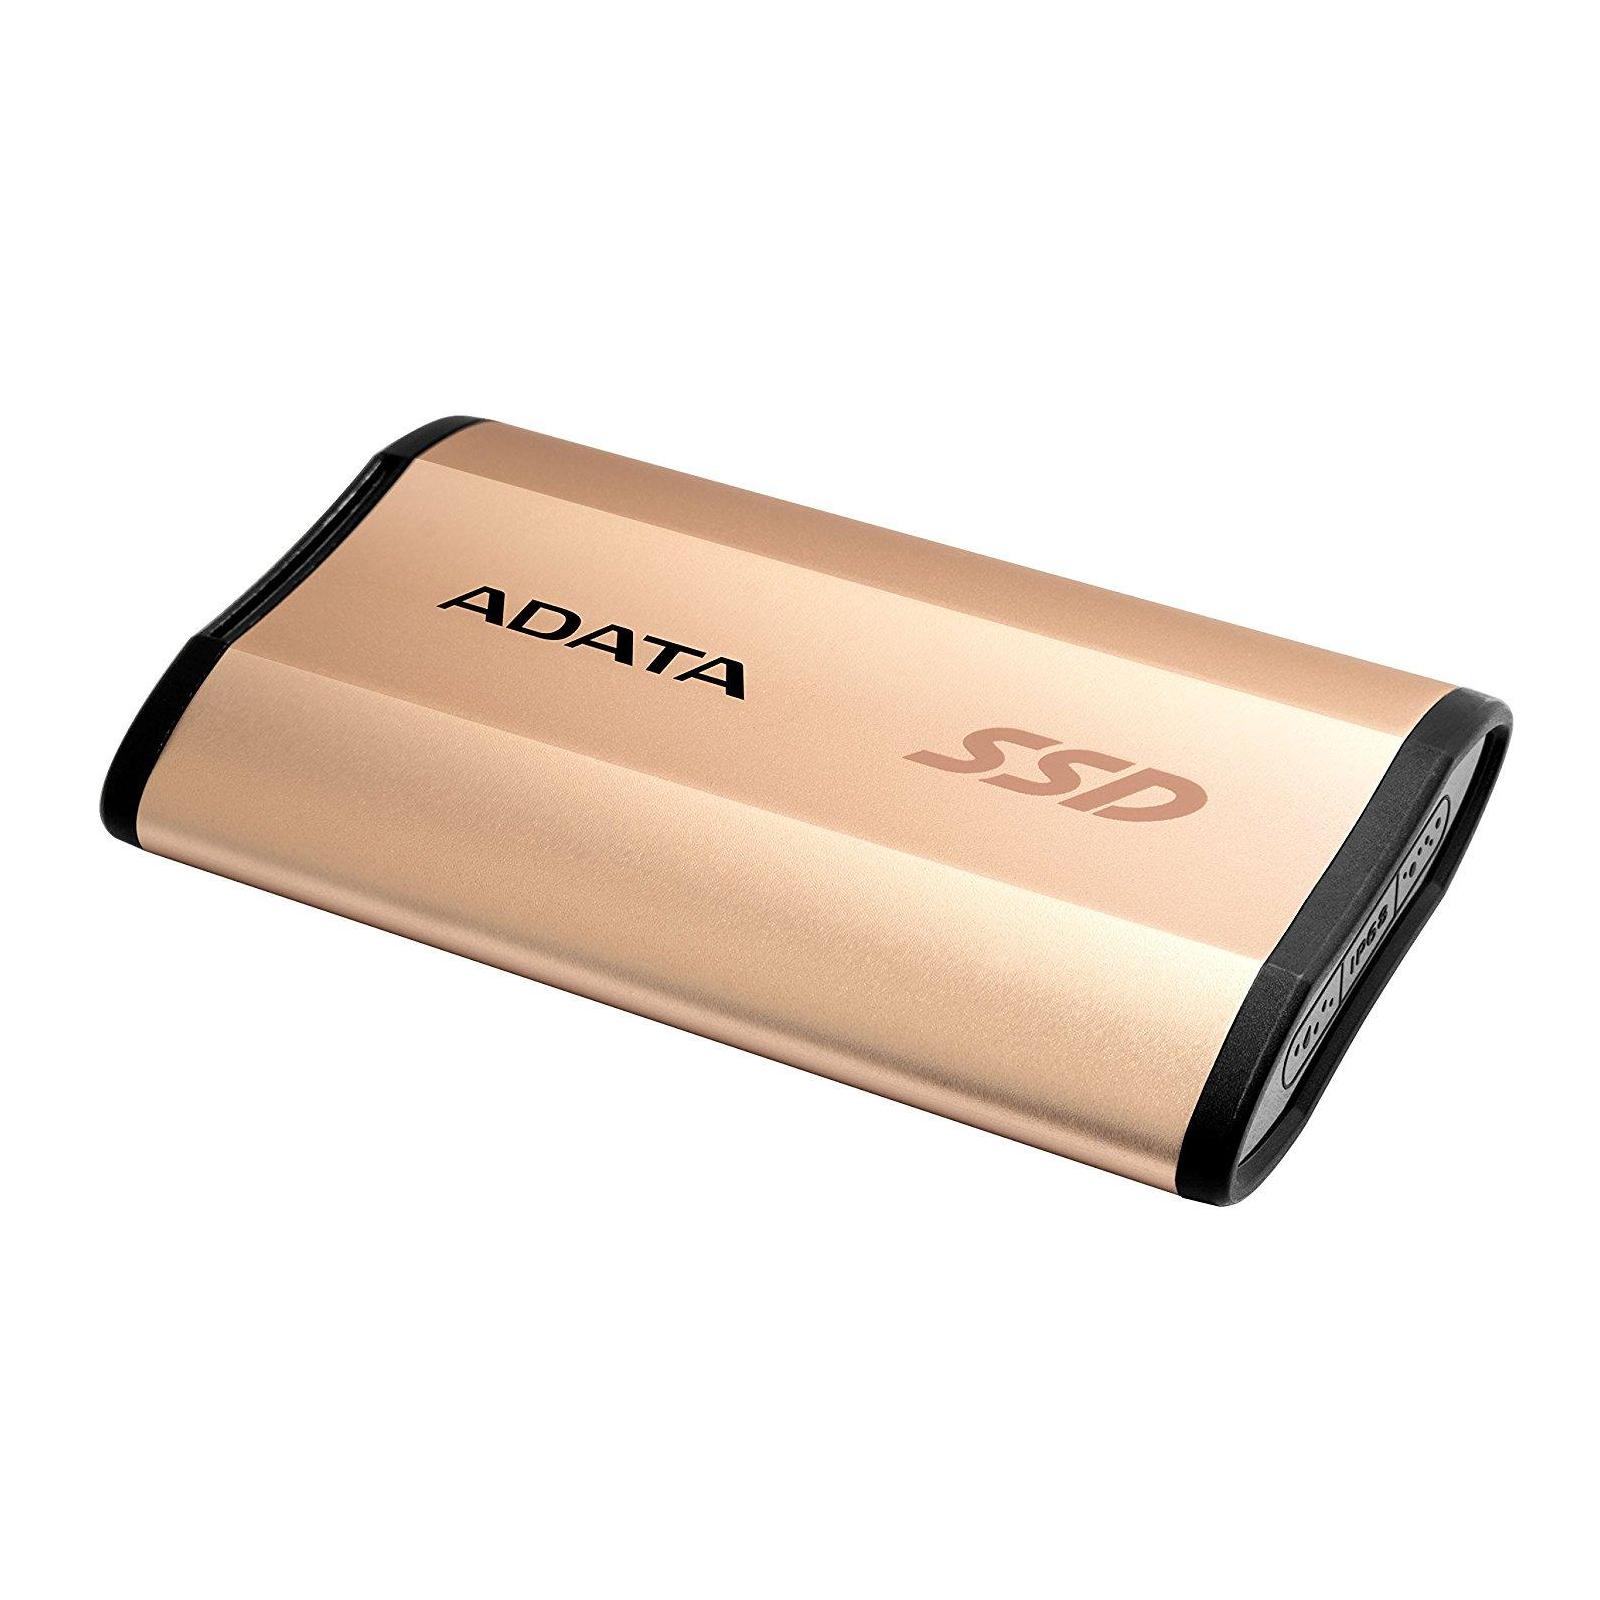 Накопитель SSD USB 3.1 512GB ADATA (ASE730H-512GU31-CGD) изображение 4